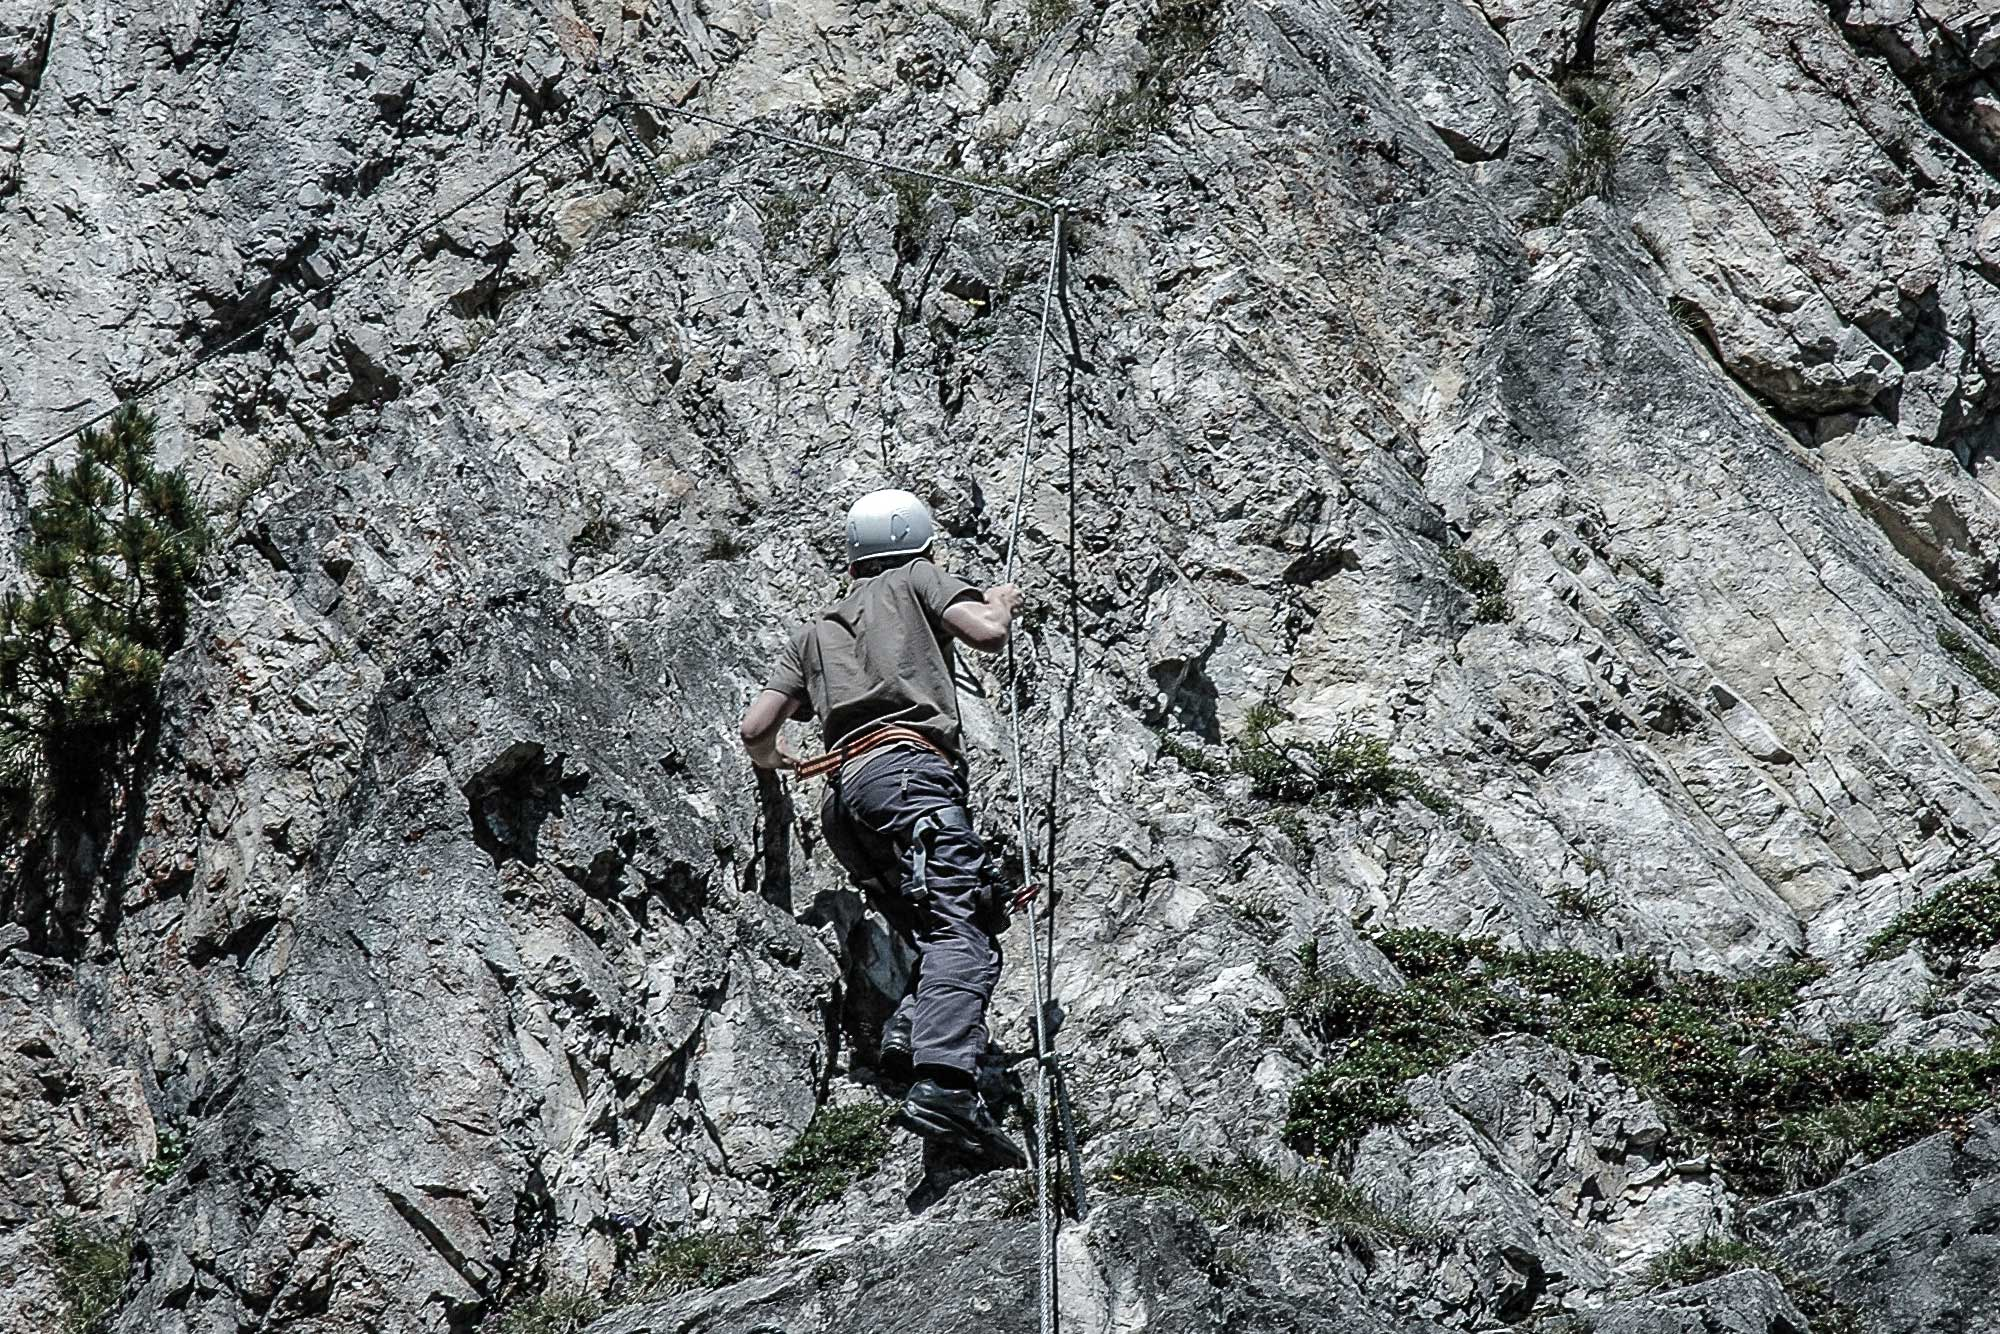 Klettersteigset Tipps : Klettersteig: tipps und tricks trekkinglife back on trekk